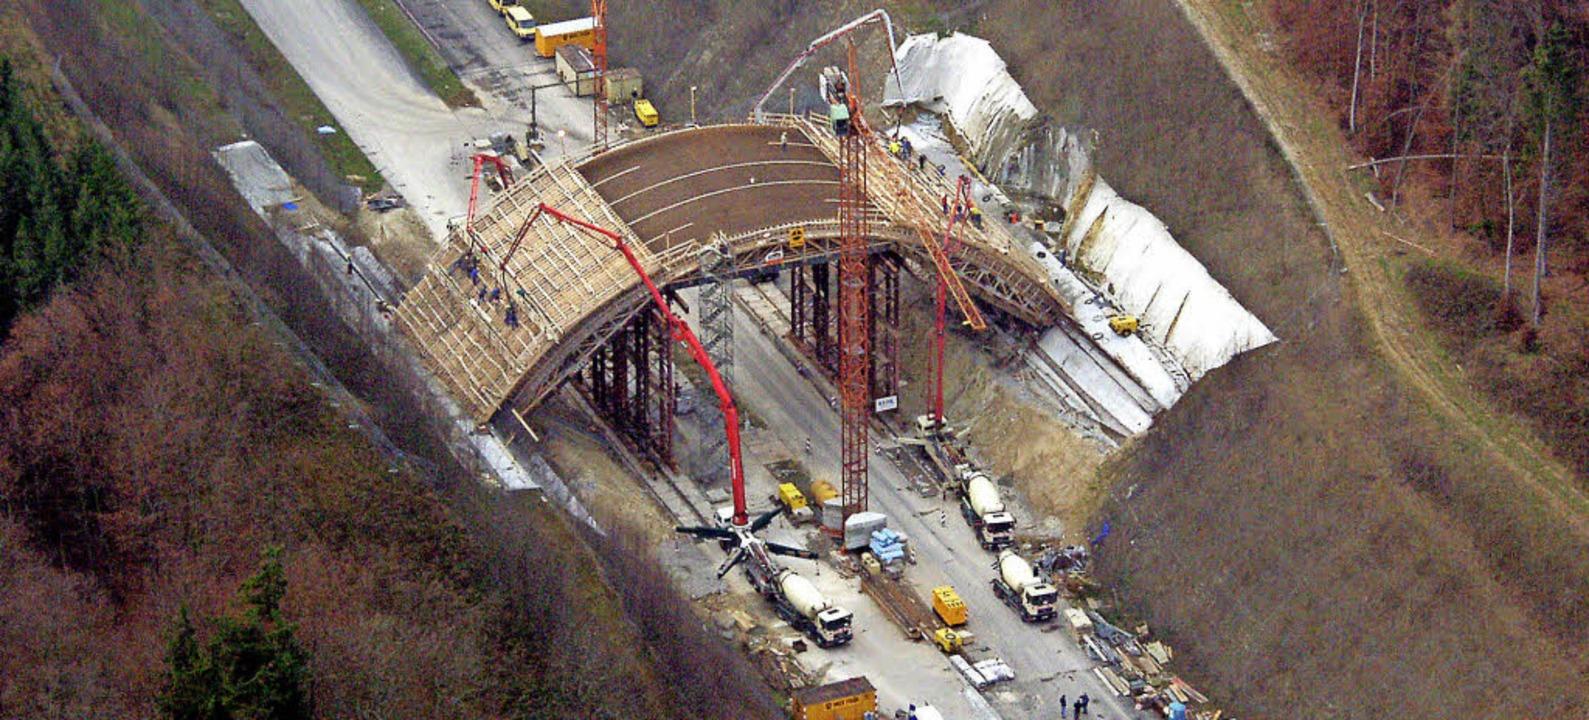 Ähnlich wie hier an der A 98 soll die ...Heitersheim eine Grünbrücke erhalten.   | Foto: Archivfoto: Meyer